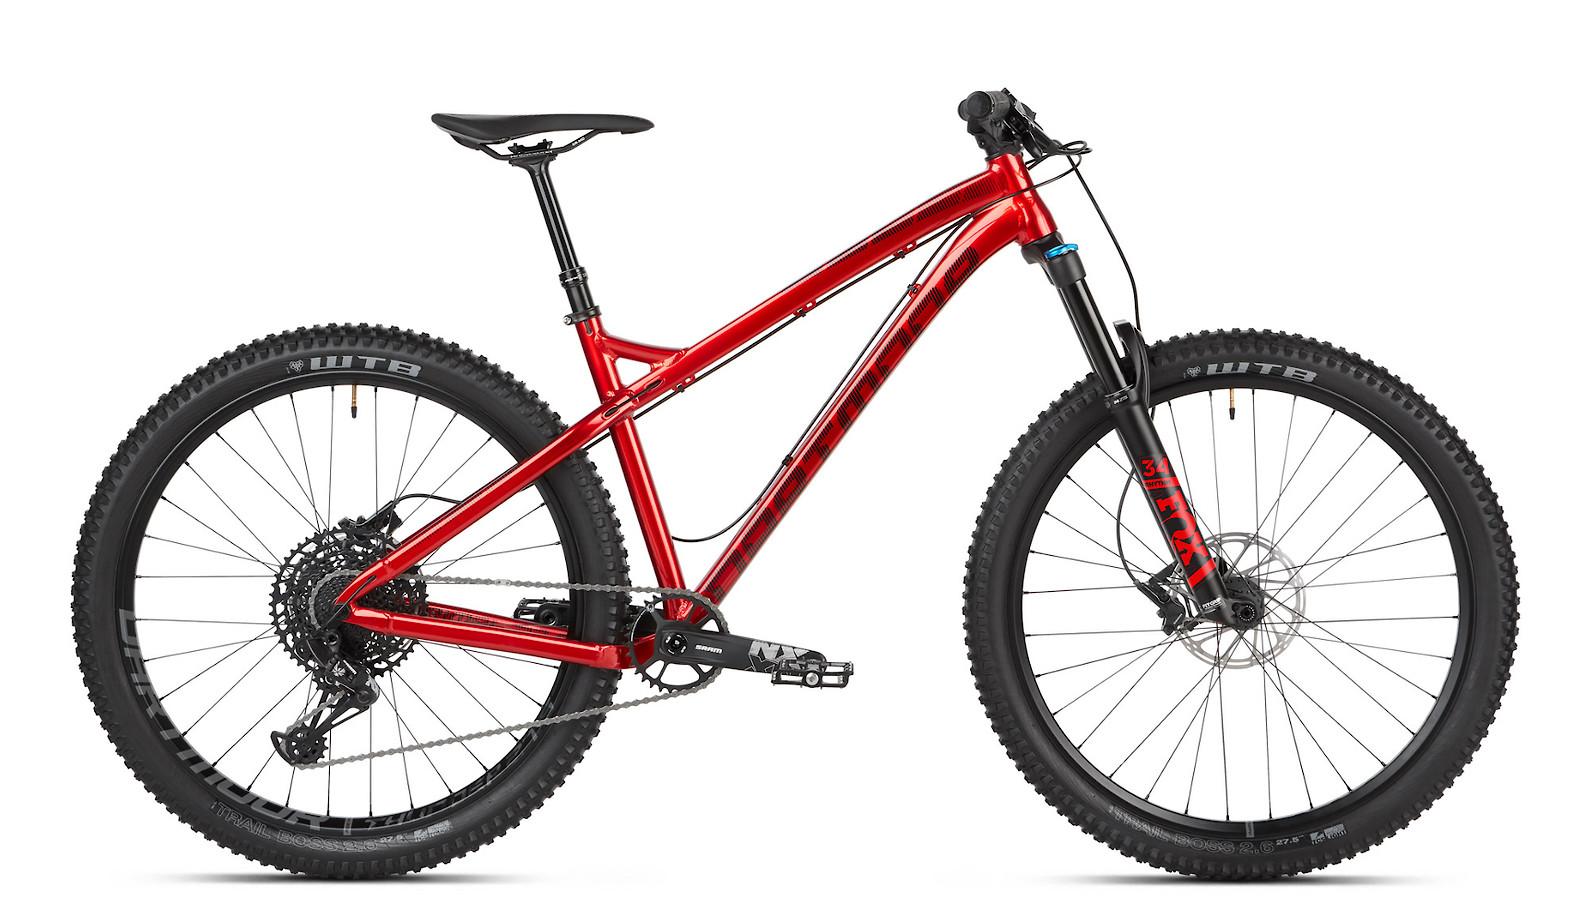 2019 Dartmoor Primal Pro 27.5 Bike